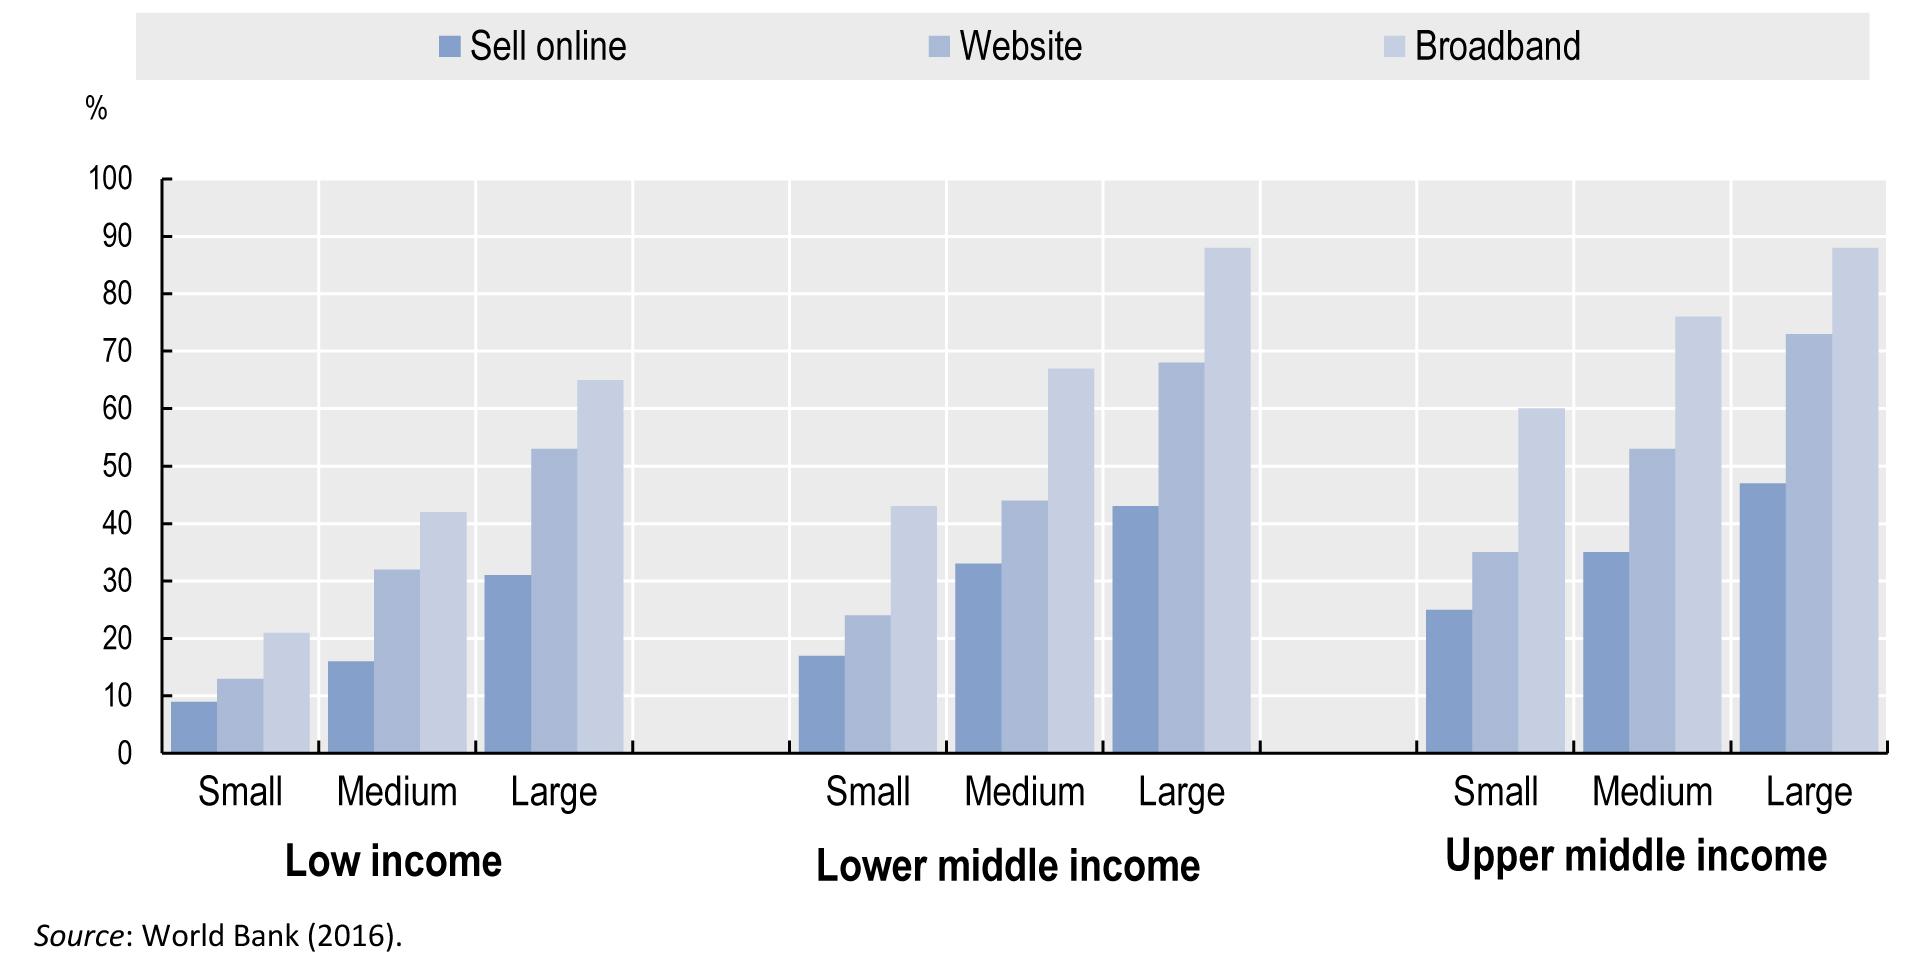 Große Firmen nutzen eher digitale Technologien